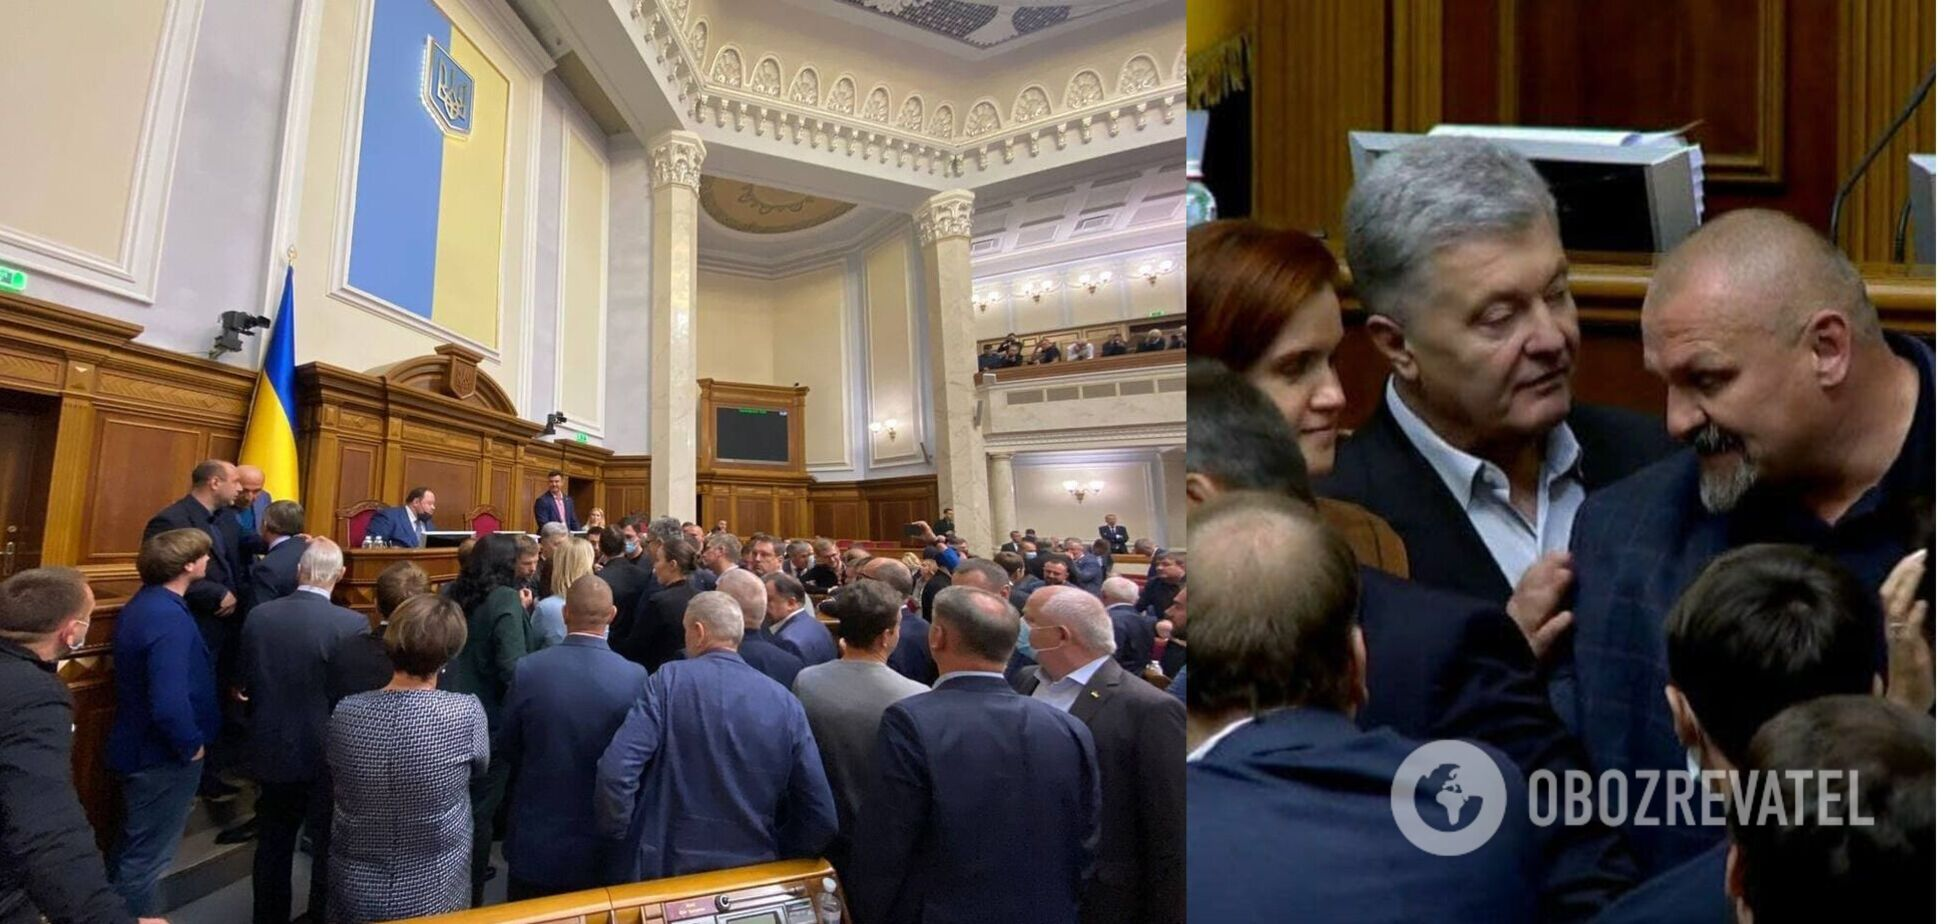 В Раде блокировали трибуну перед голосованием по закону об олигархах, произошла перепалка. Видео